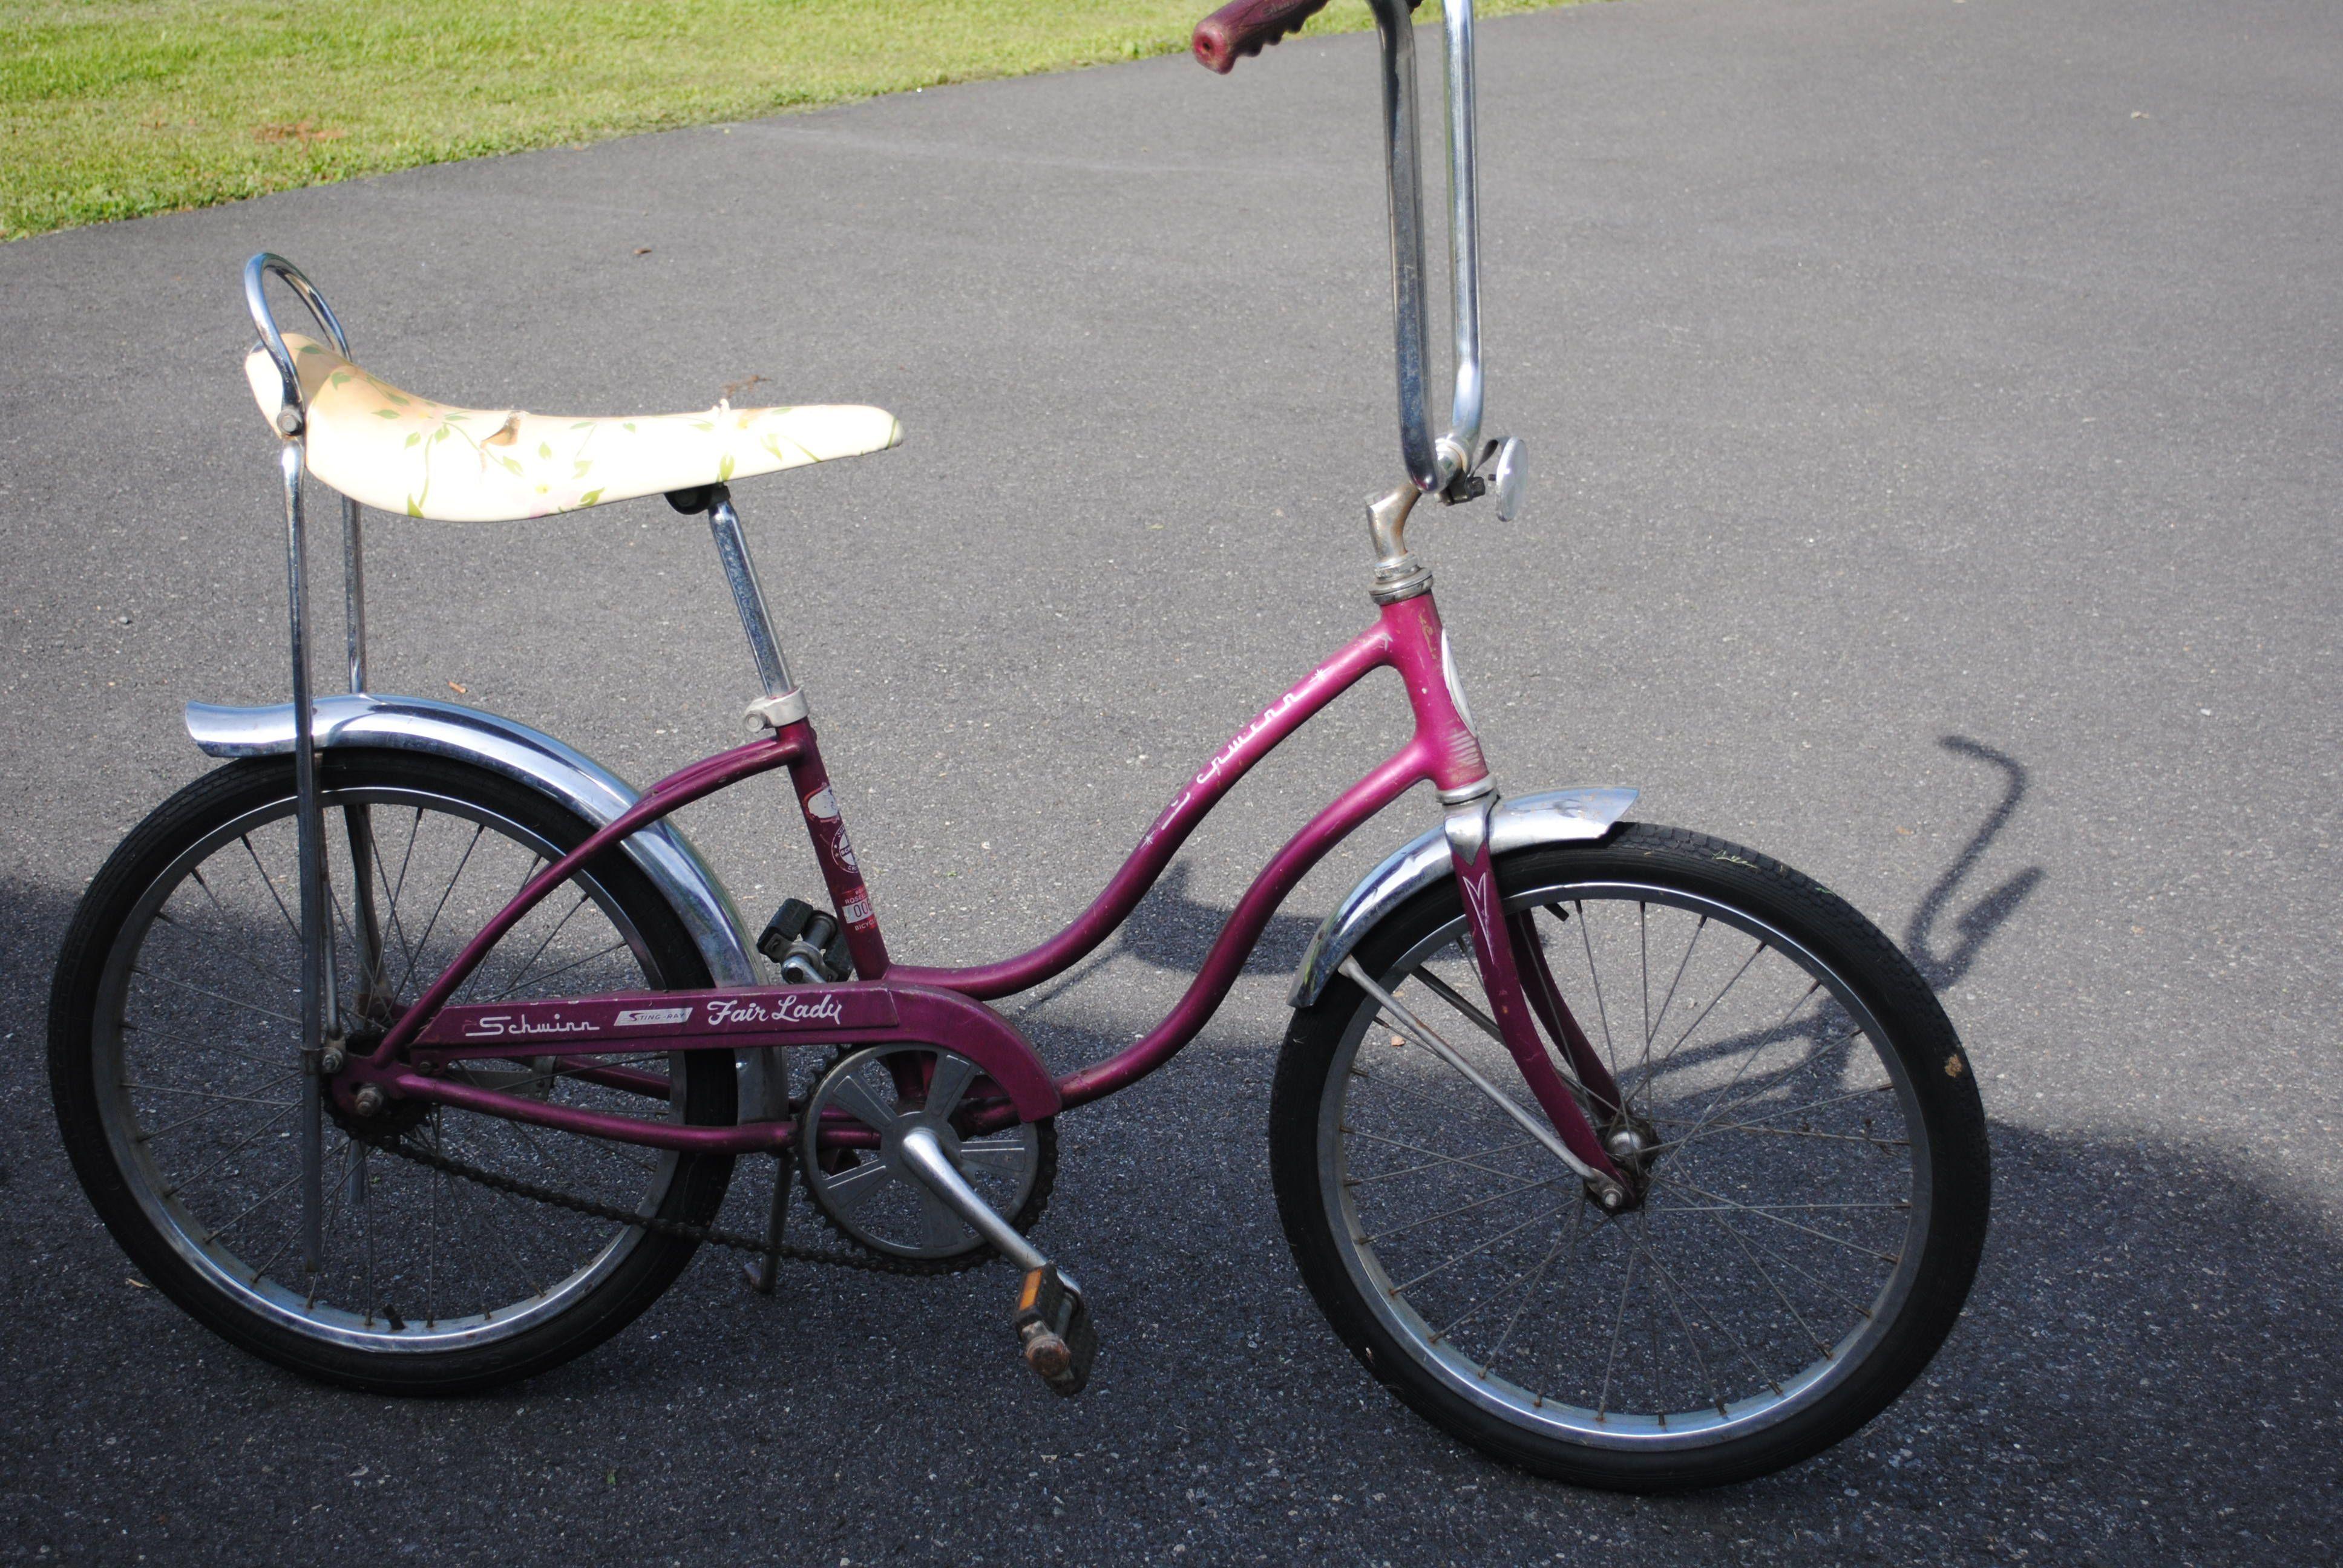 Bikes Central Nj Image